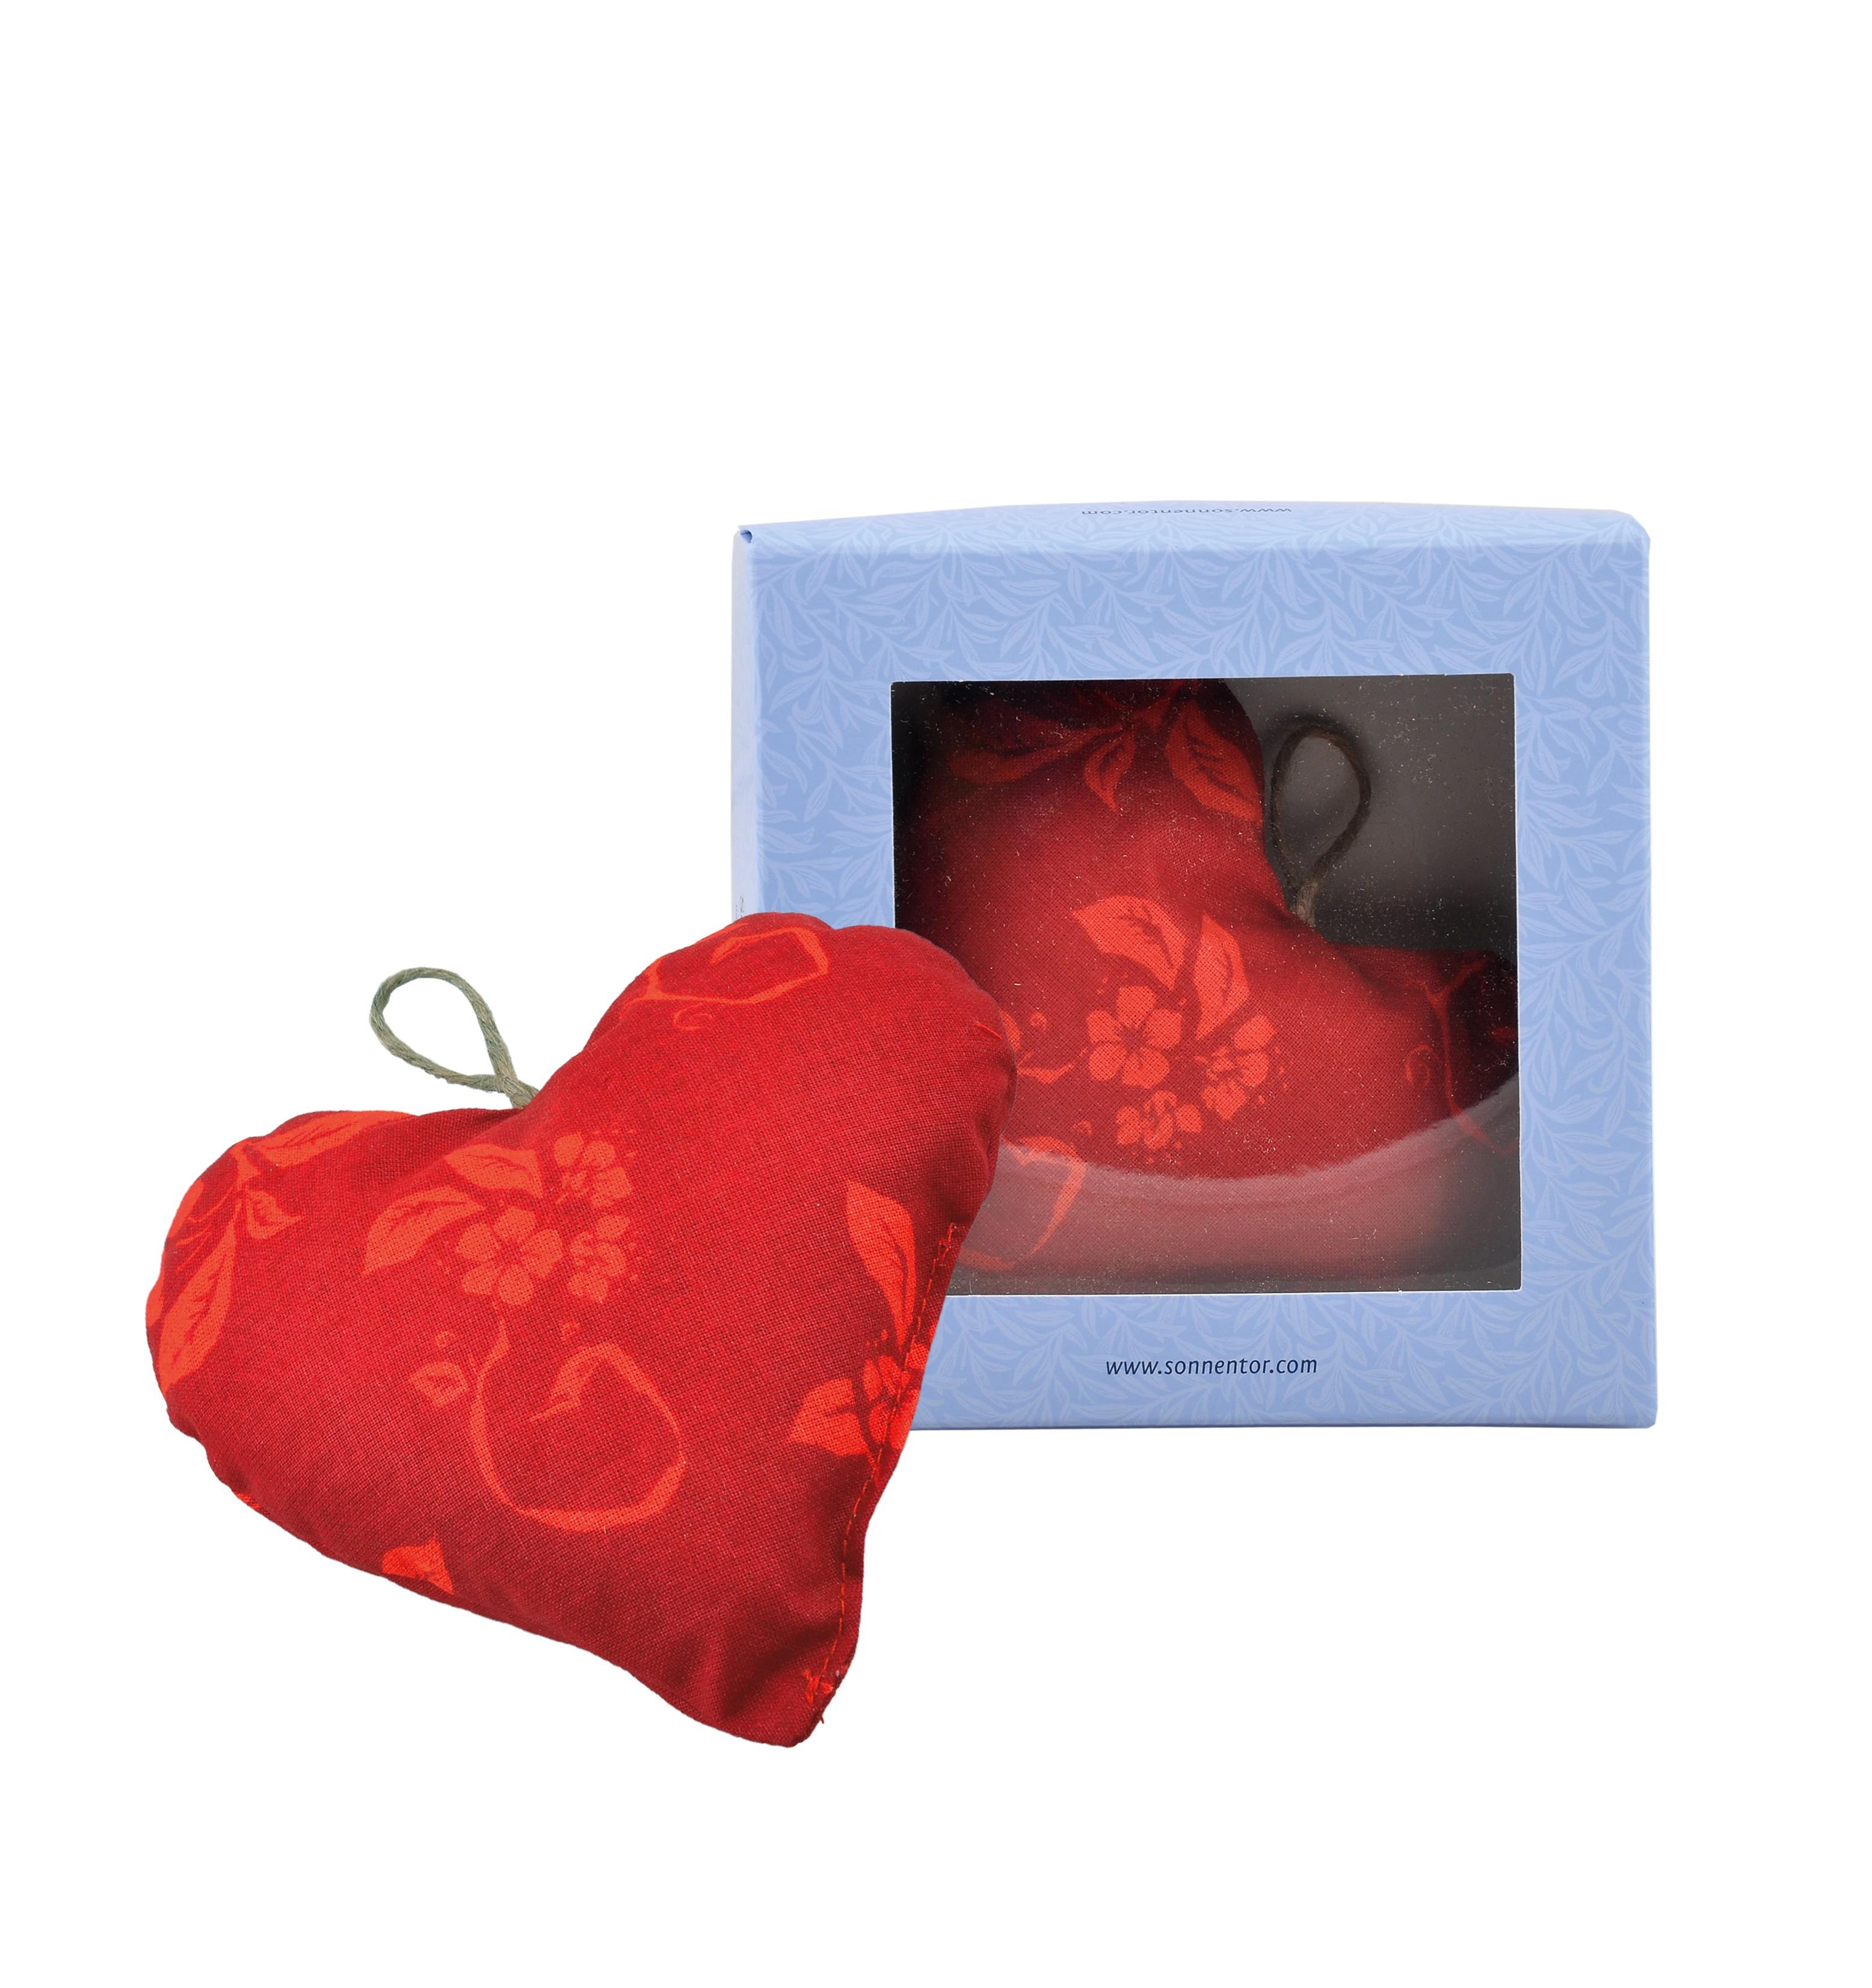 Alles Liebe-Kräuterkissen, Herzform in Geschenkbox